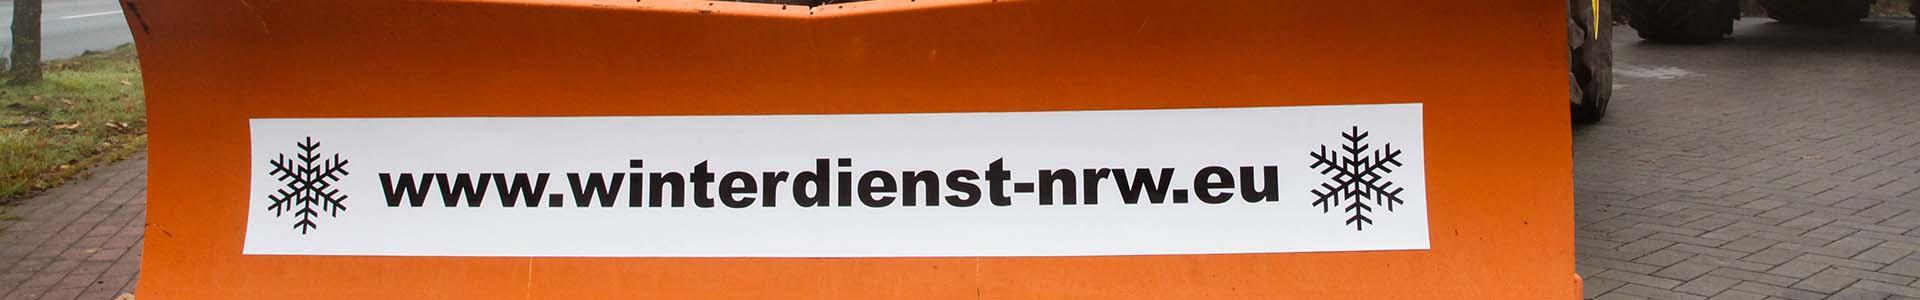 Winterdienst NRW Kontakt